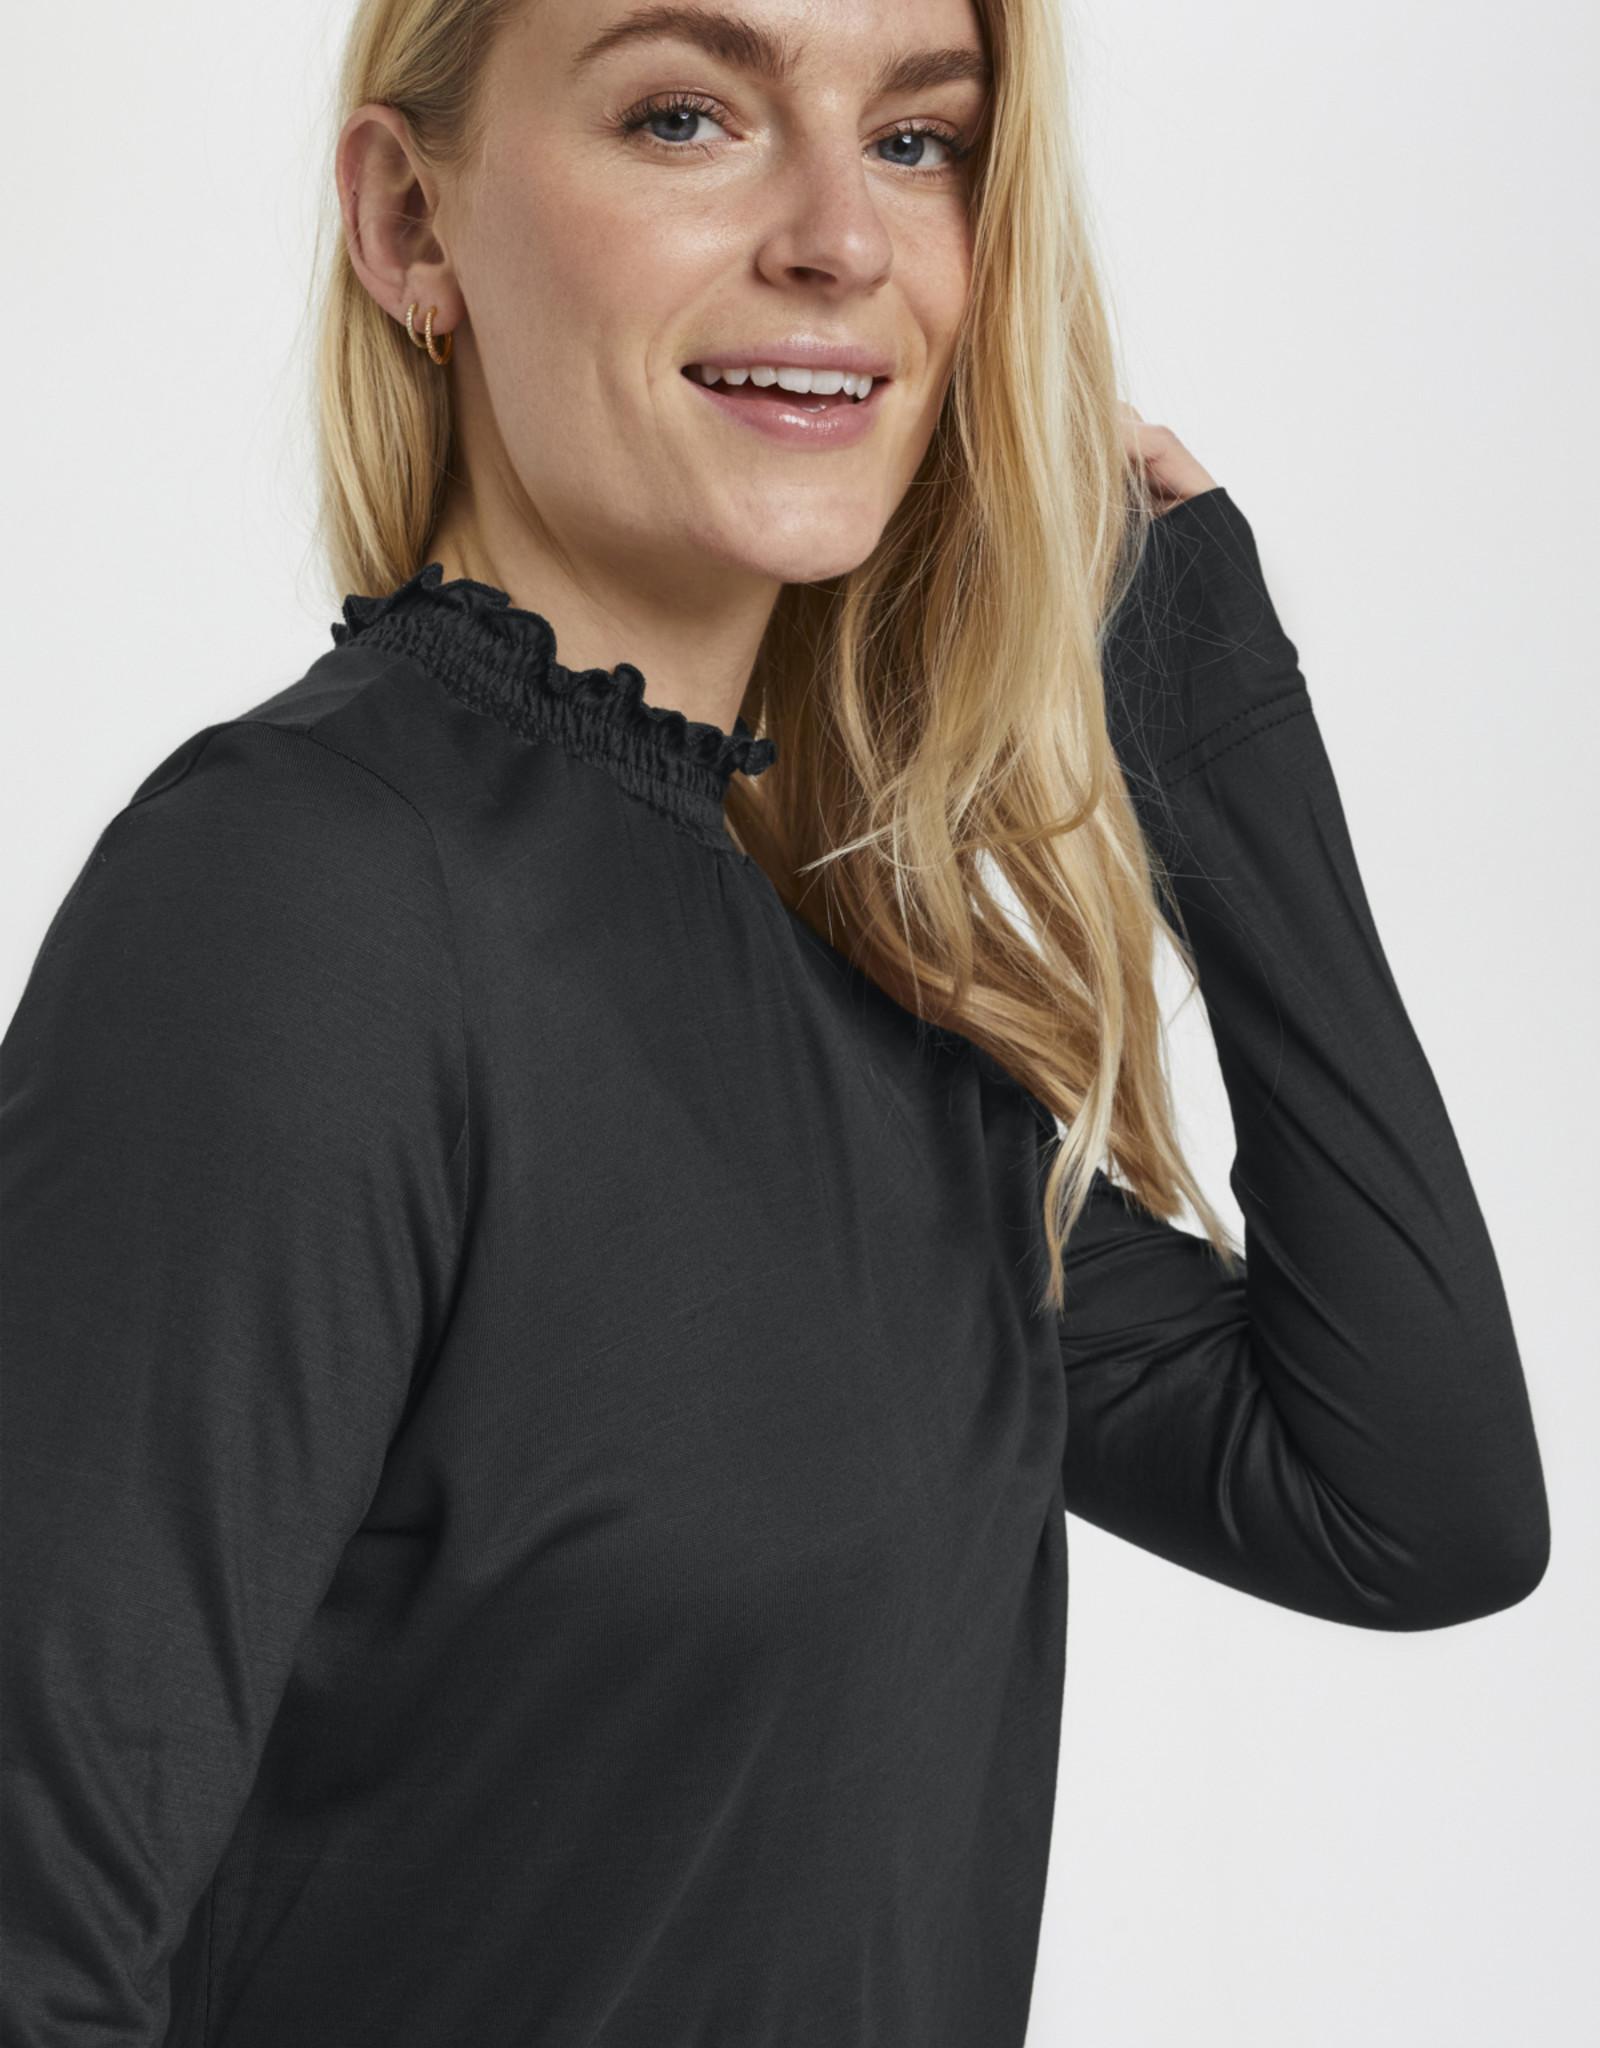 Cream - CRNavie Long Sleeve Top